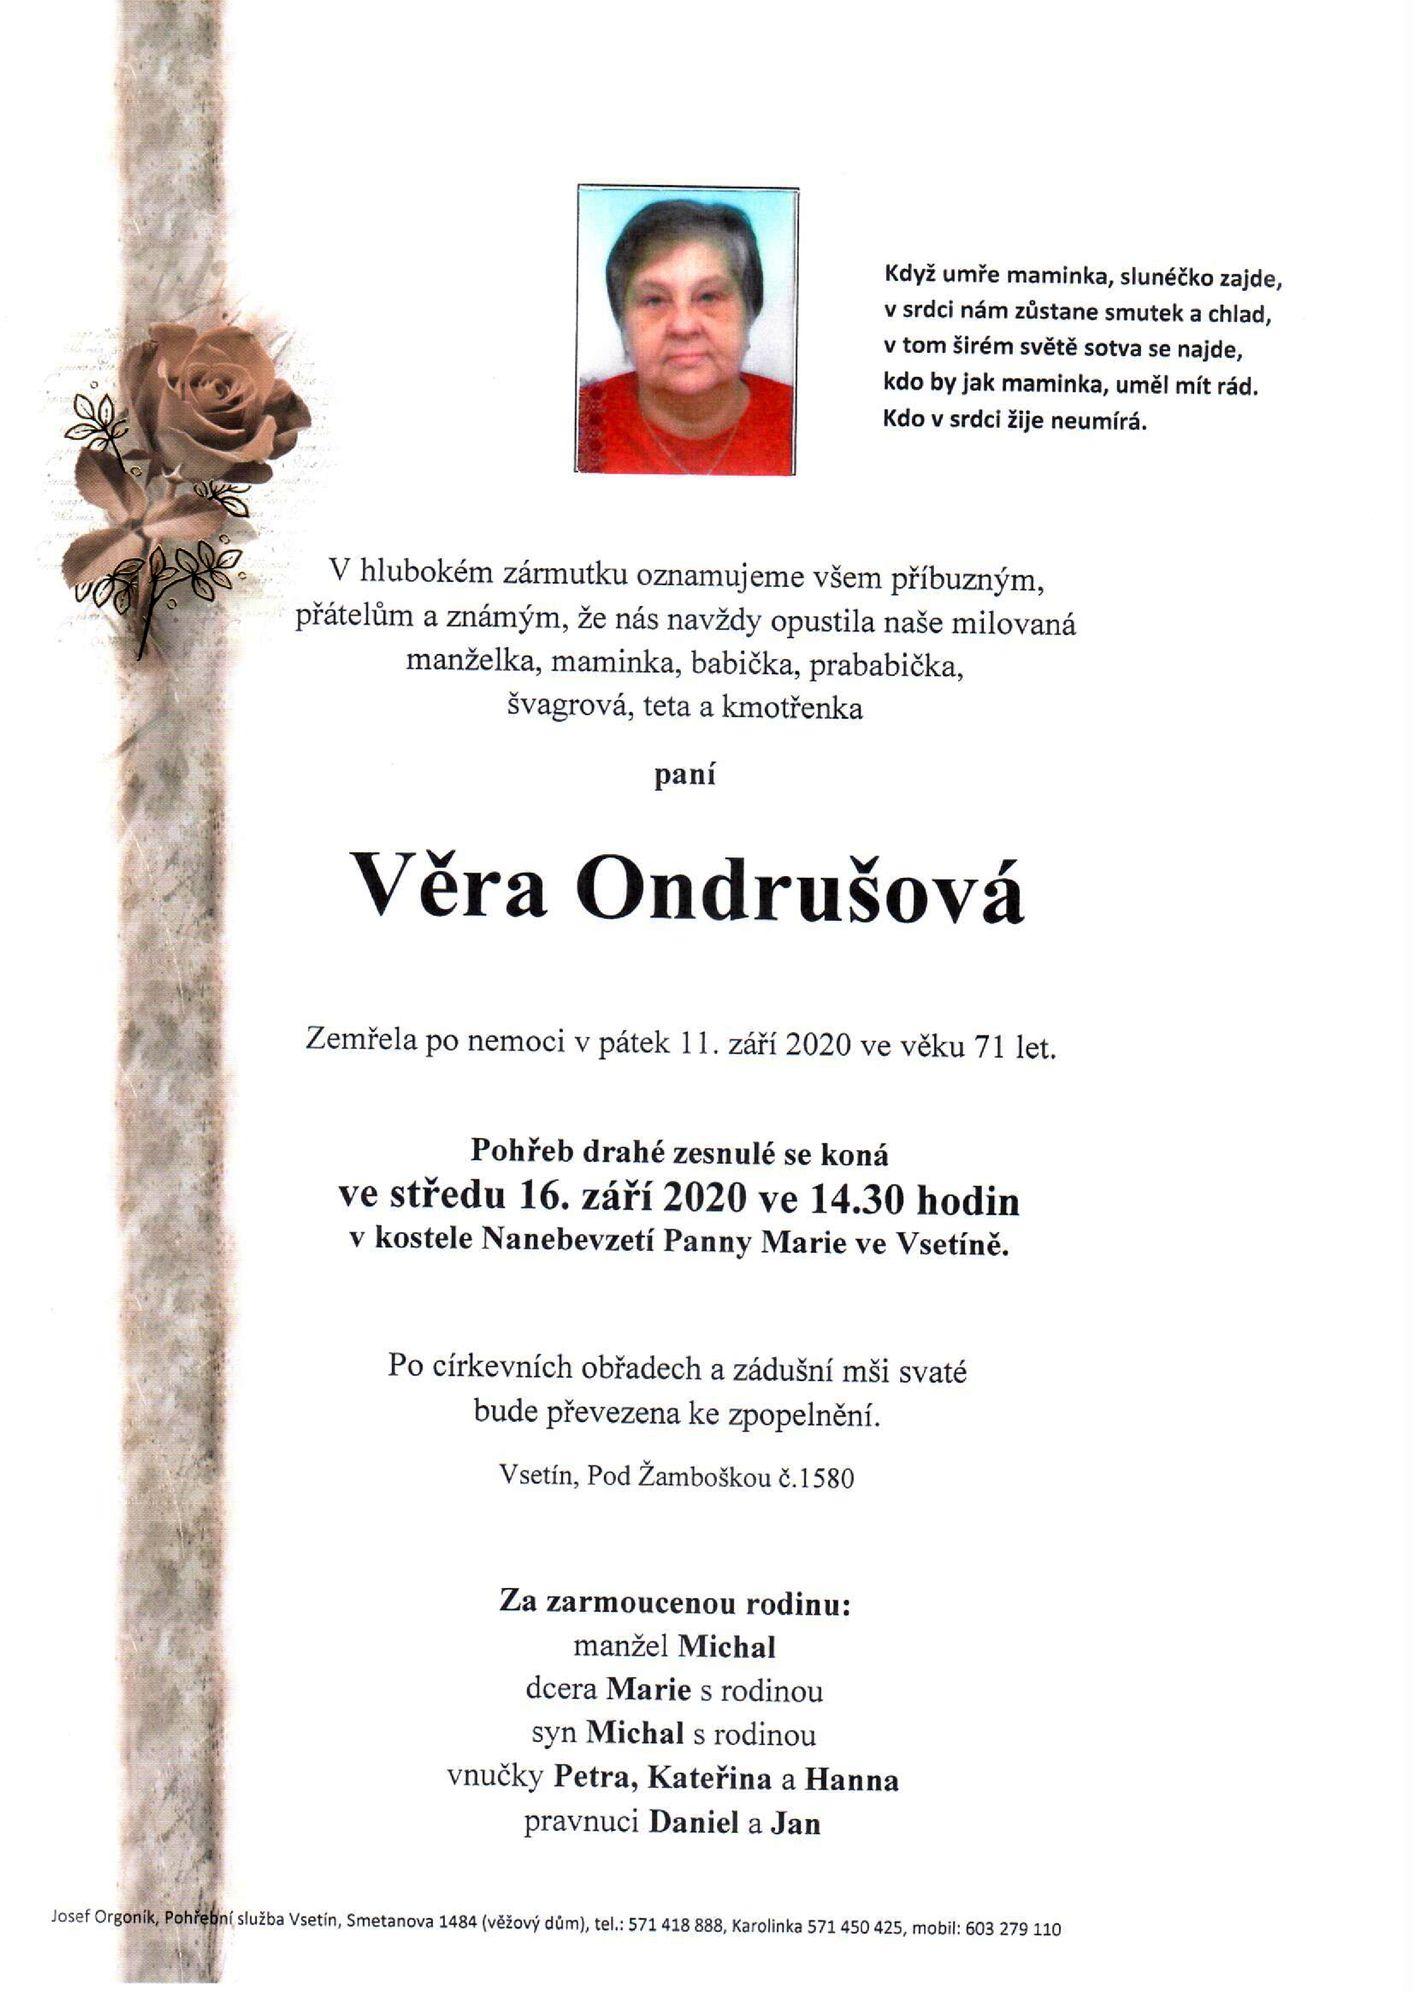 Věra Ondrušová